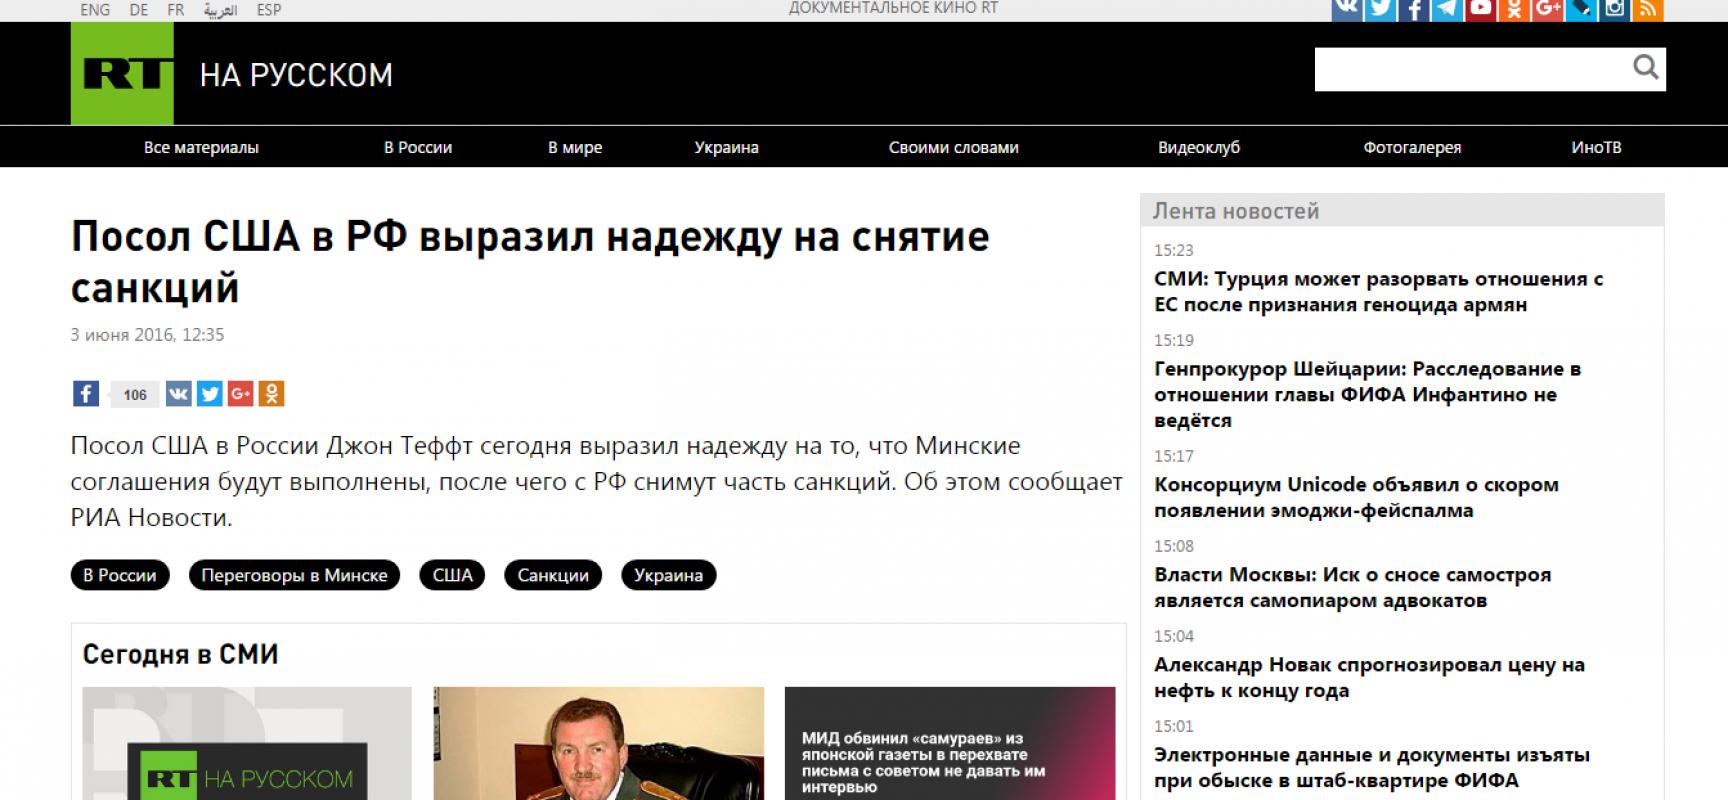 Fake: L'ambasciatore americano in Russia ha espresso la speranza per la revoca delle sanzioni